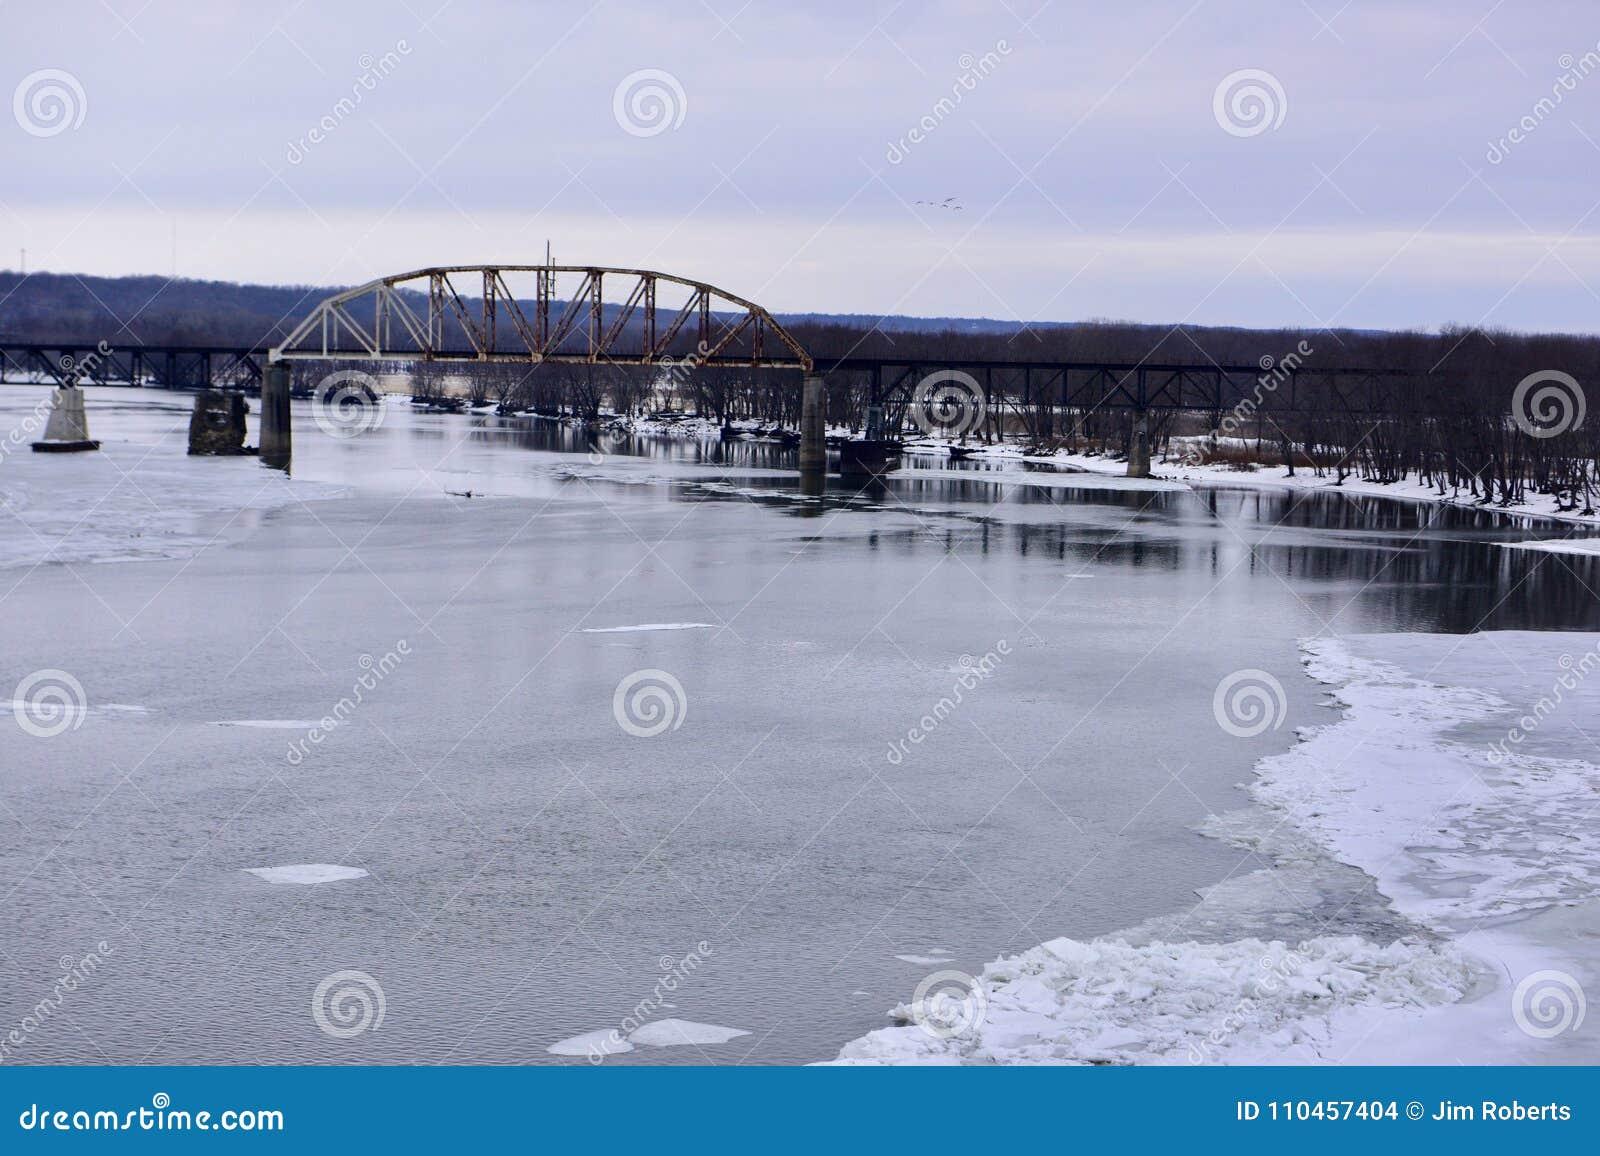 Buzzi Unicem-LaSalle järnvägbro